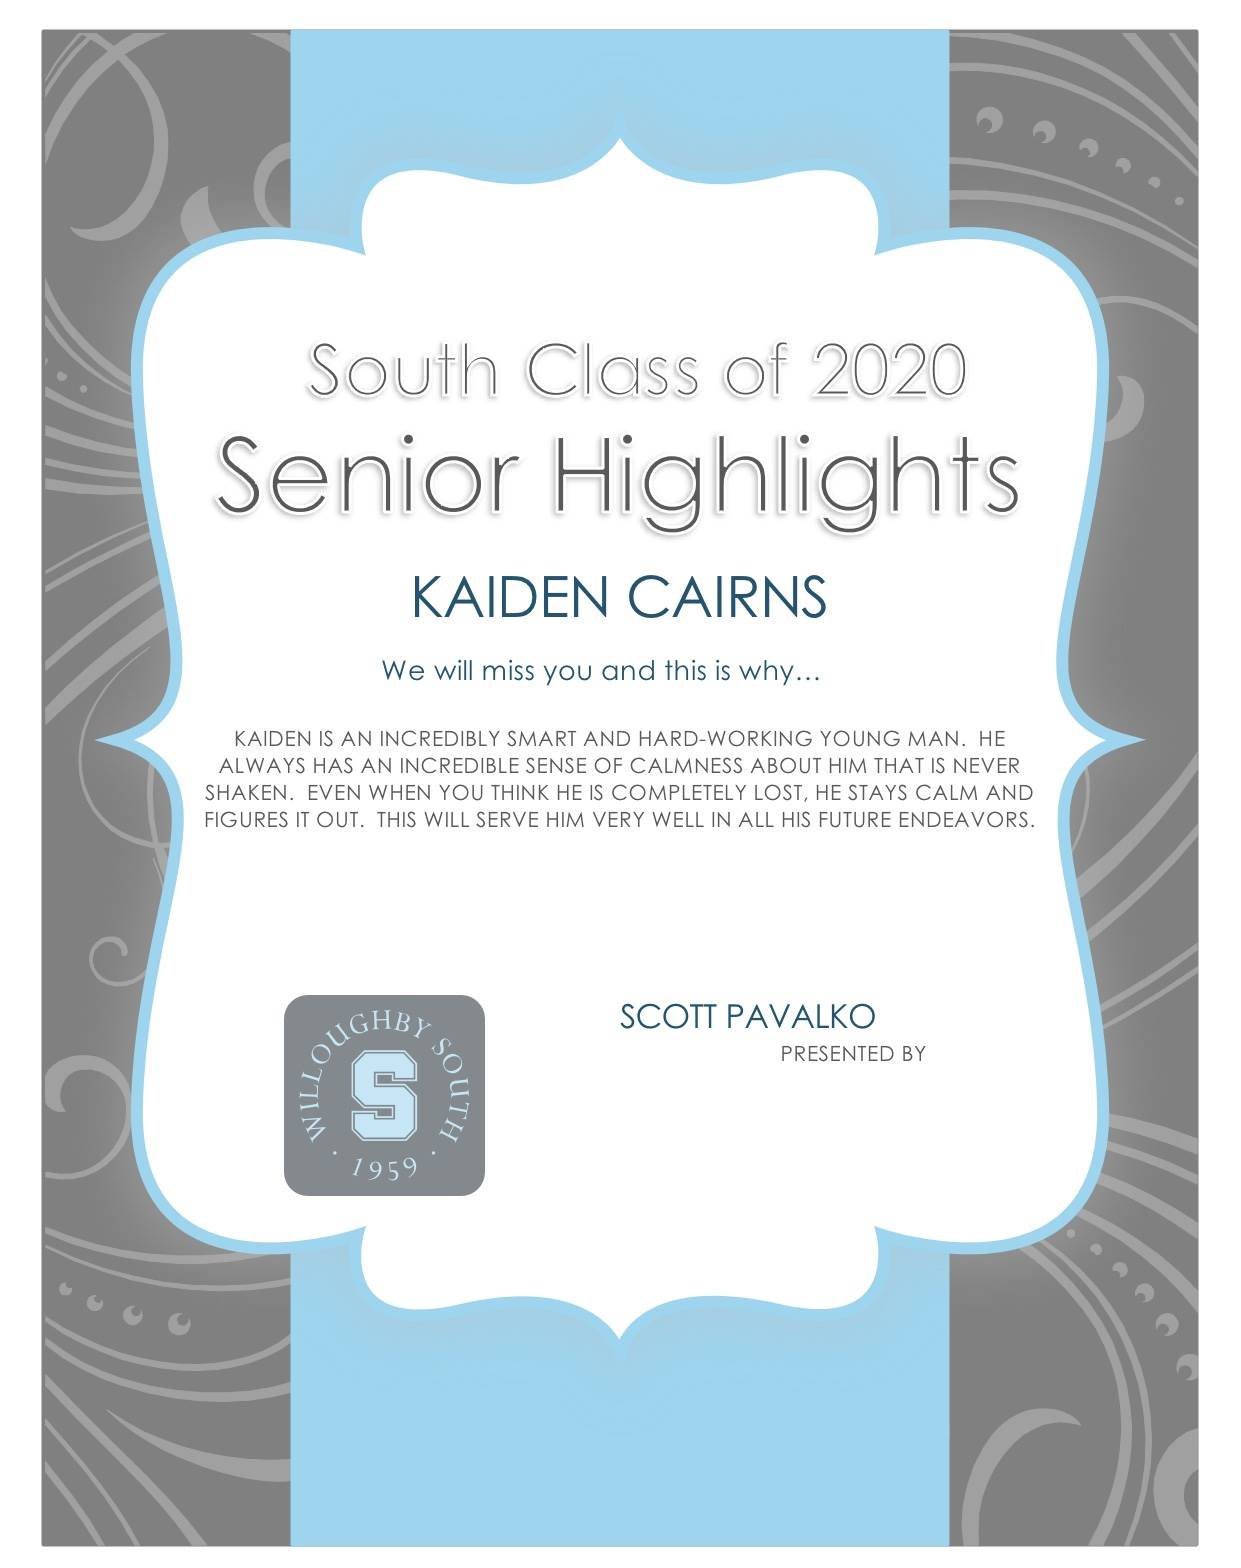 Kaiden Cairns